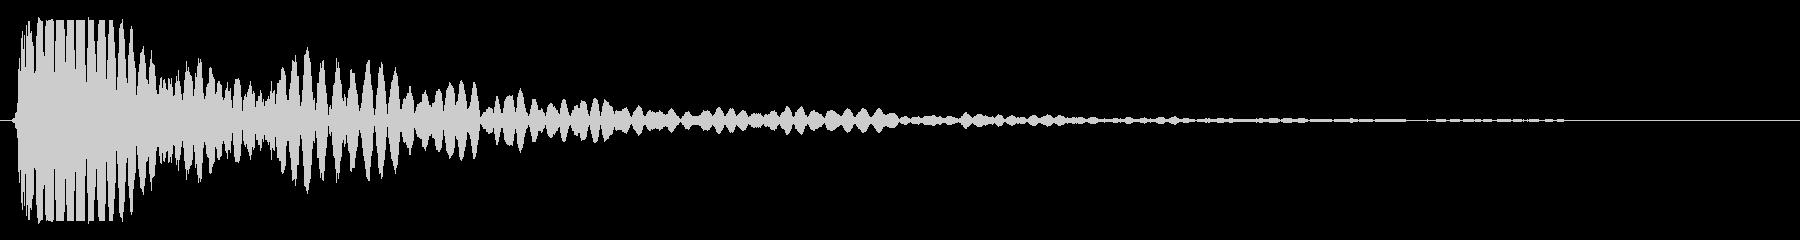 ドン!(少し高めの音色)の未再生の波形